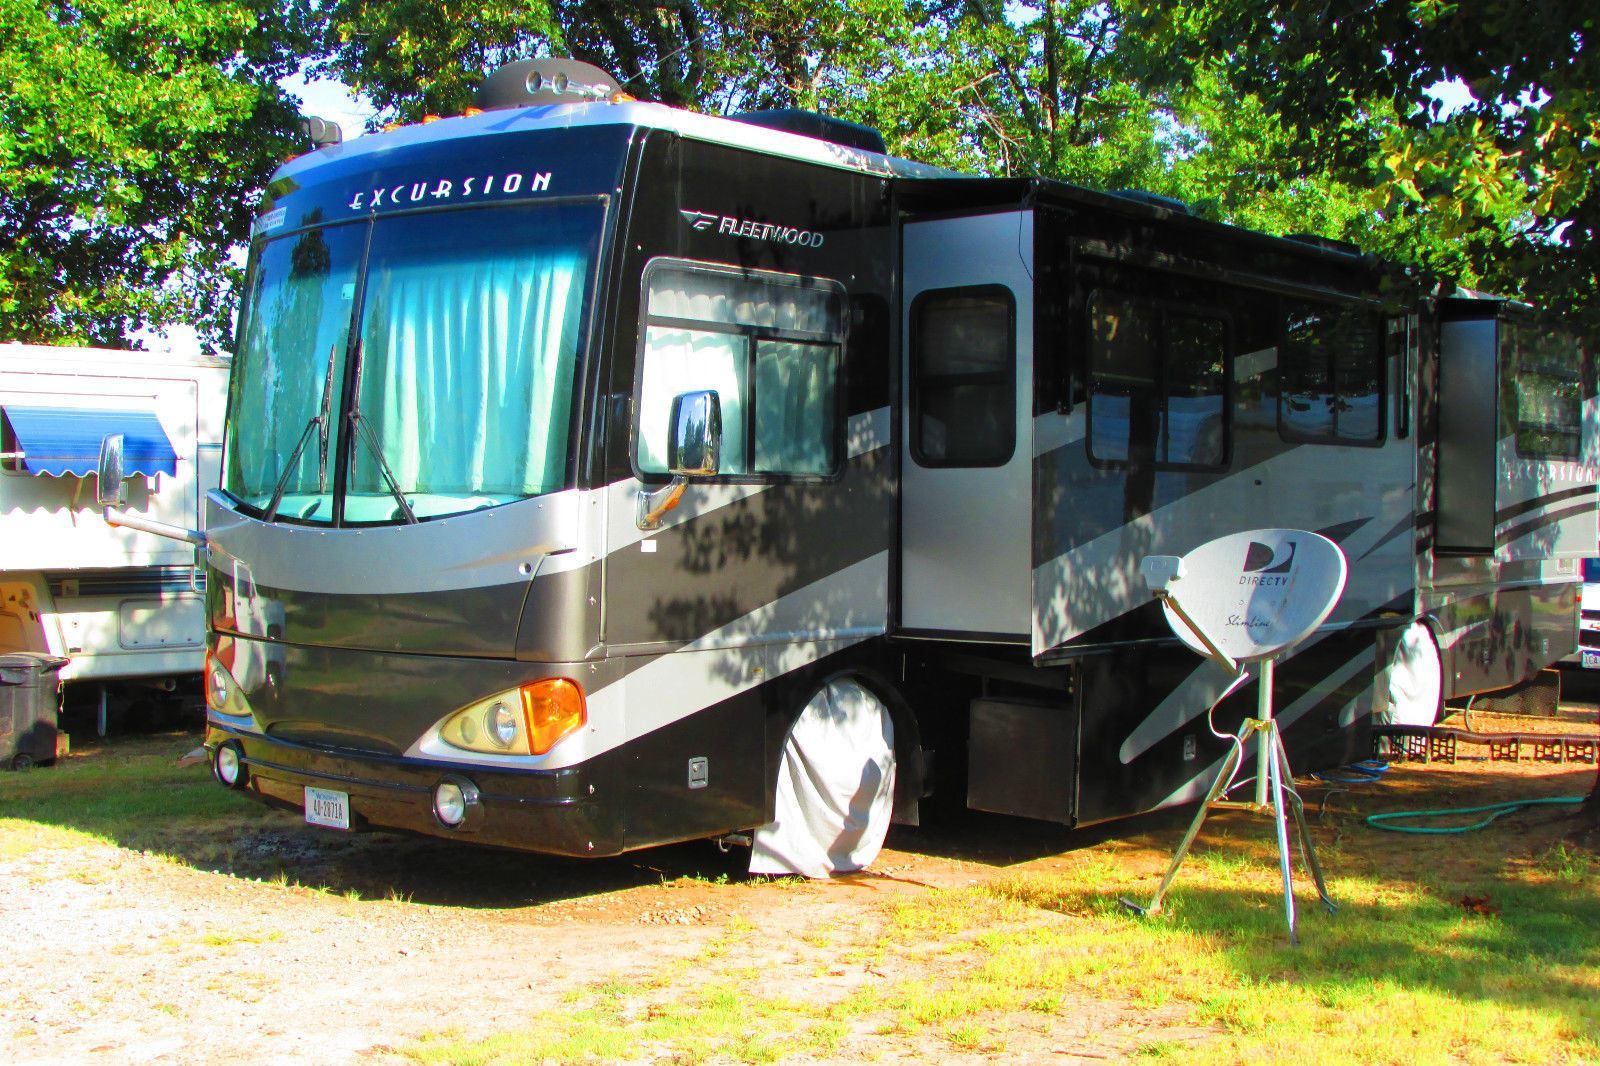 2006 Fleetwood Excursion 39j For Sale